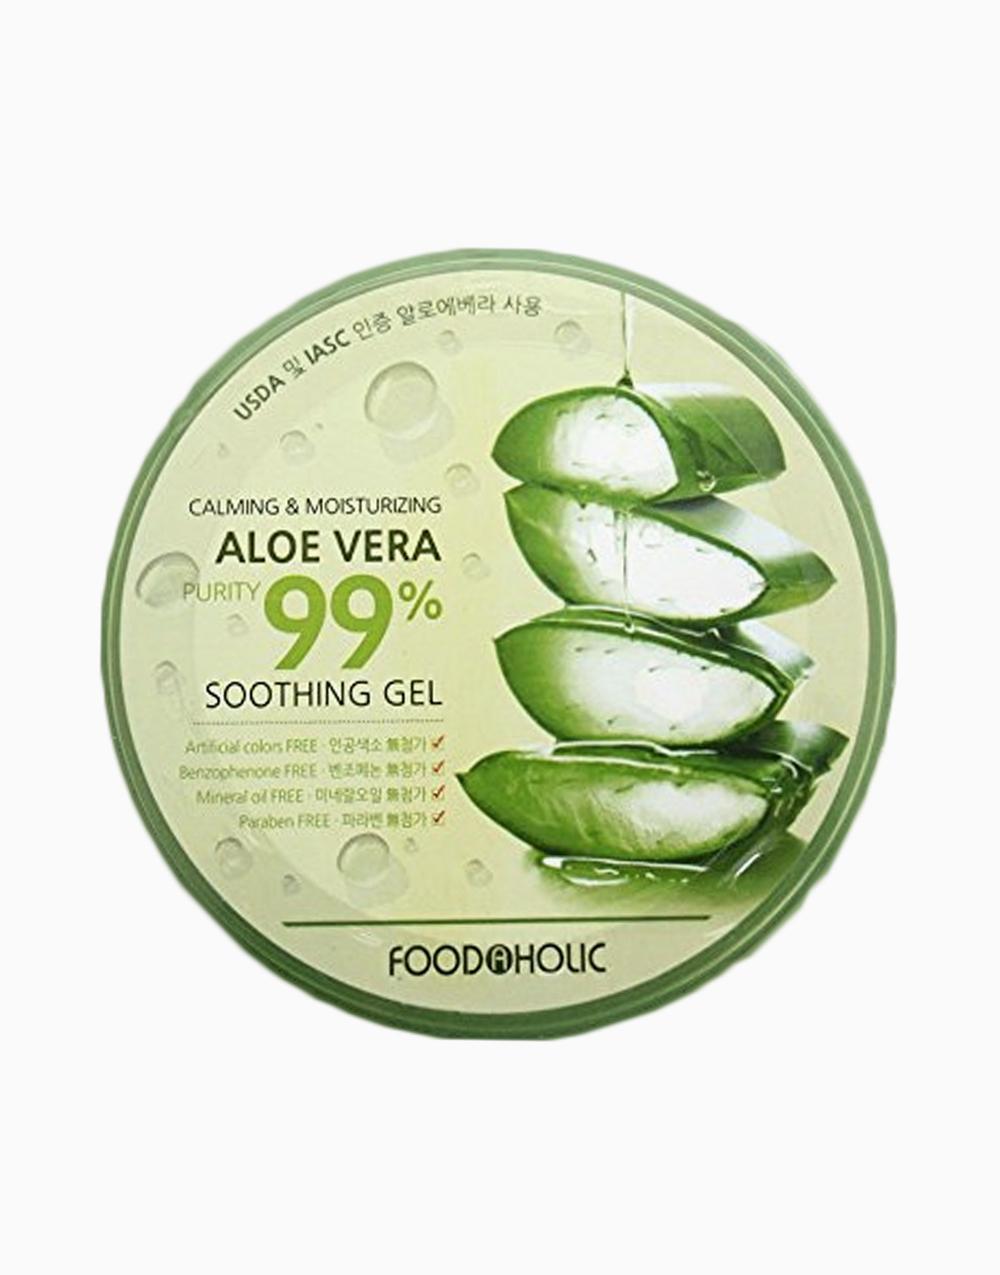 Aloe Vera 99% Soothing Gel (300ml) by Foodaholic